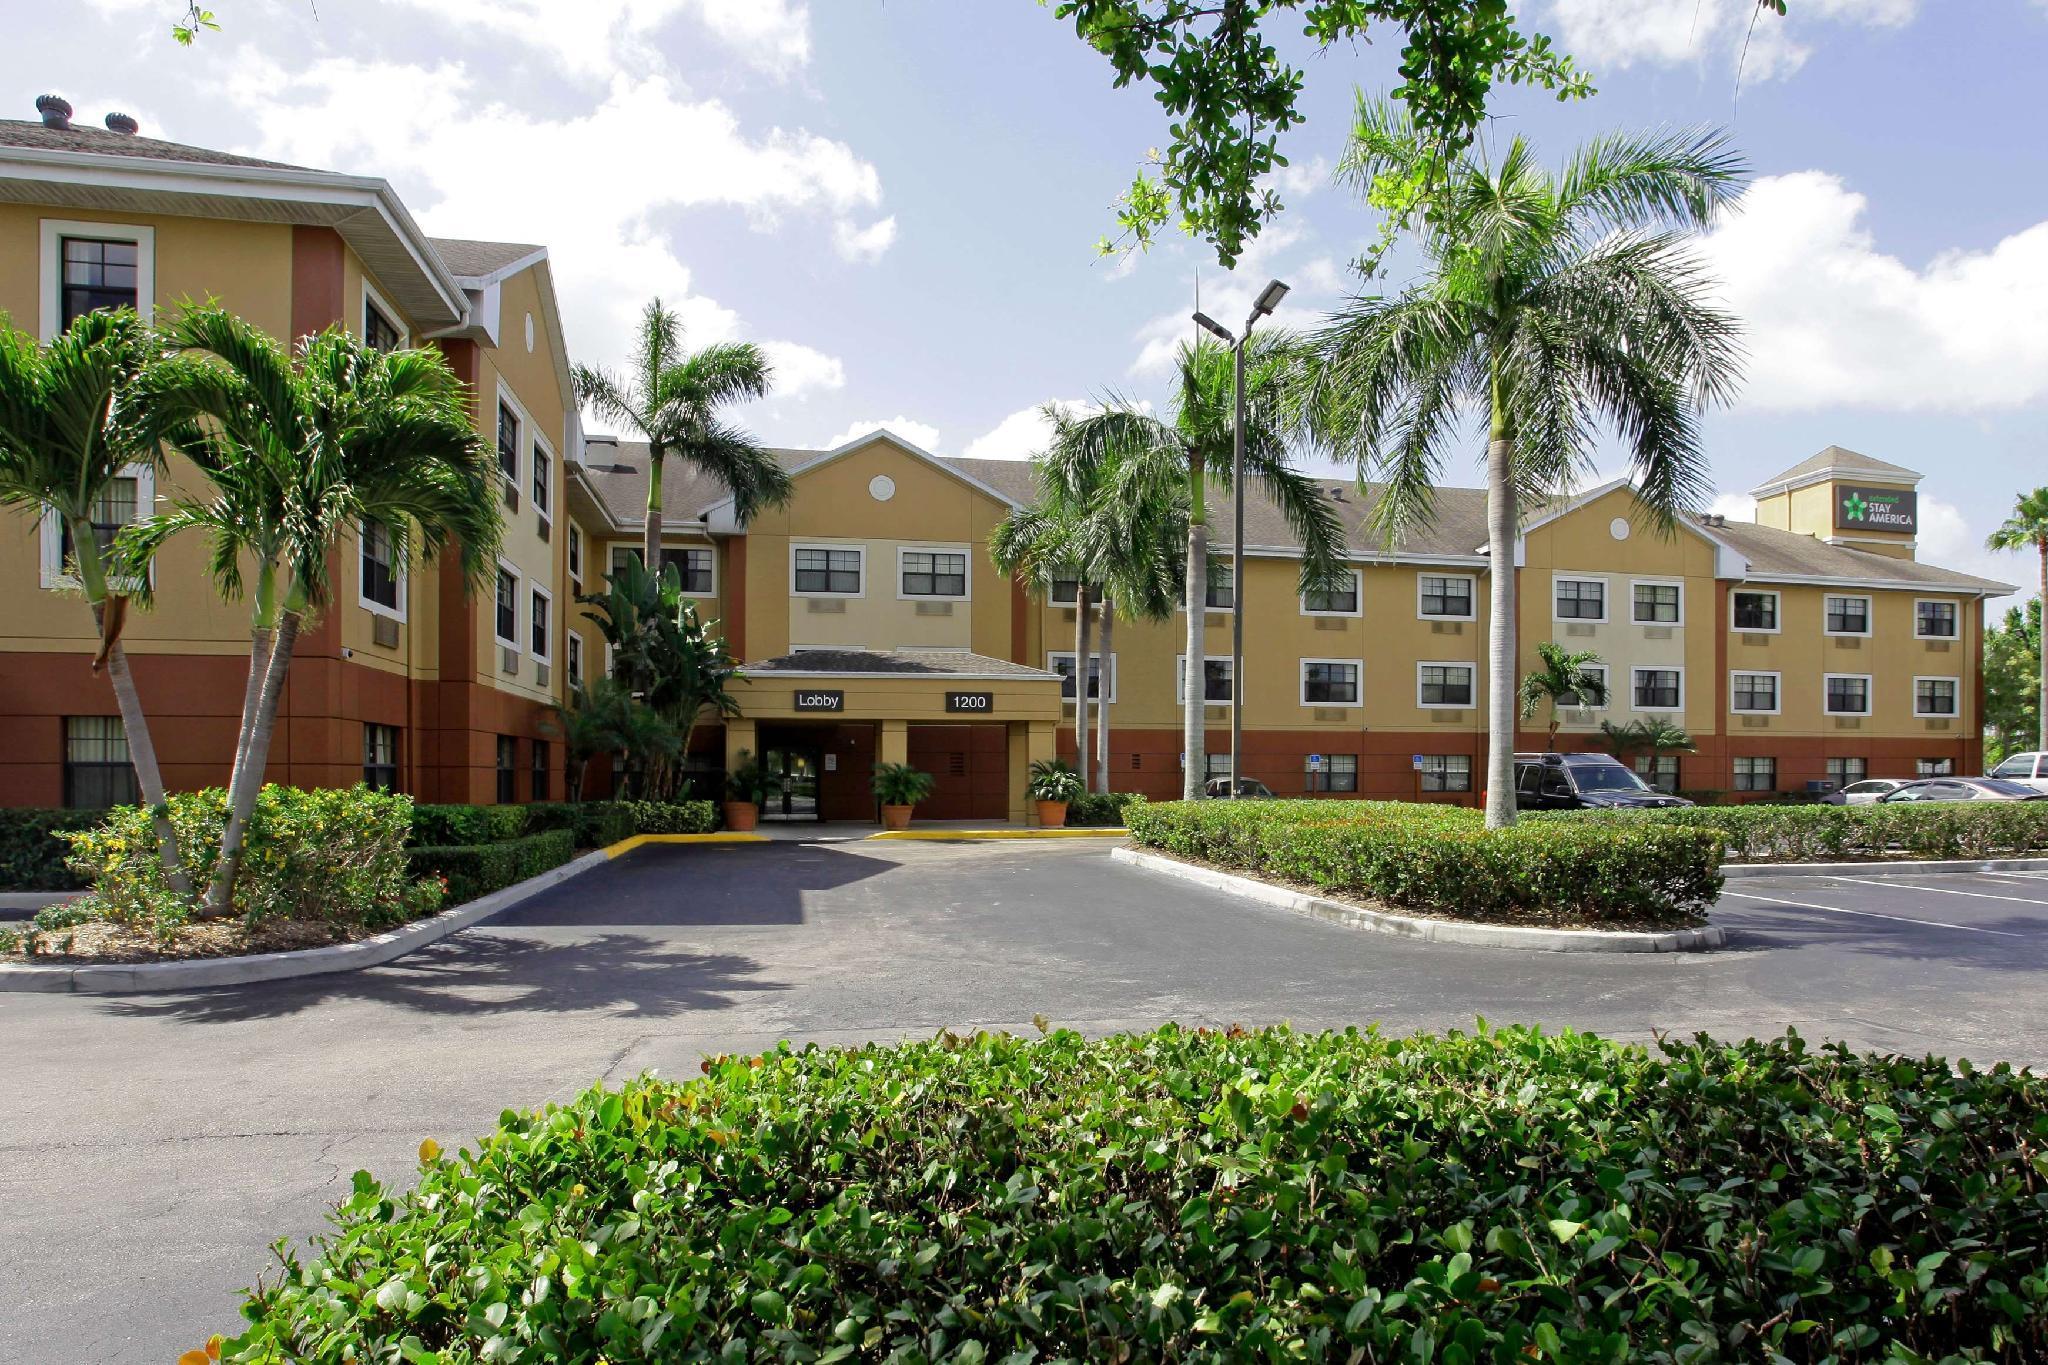 Extended Stay America Fort Lauderdale Deerfield Beach